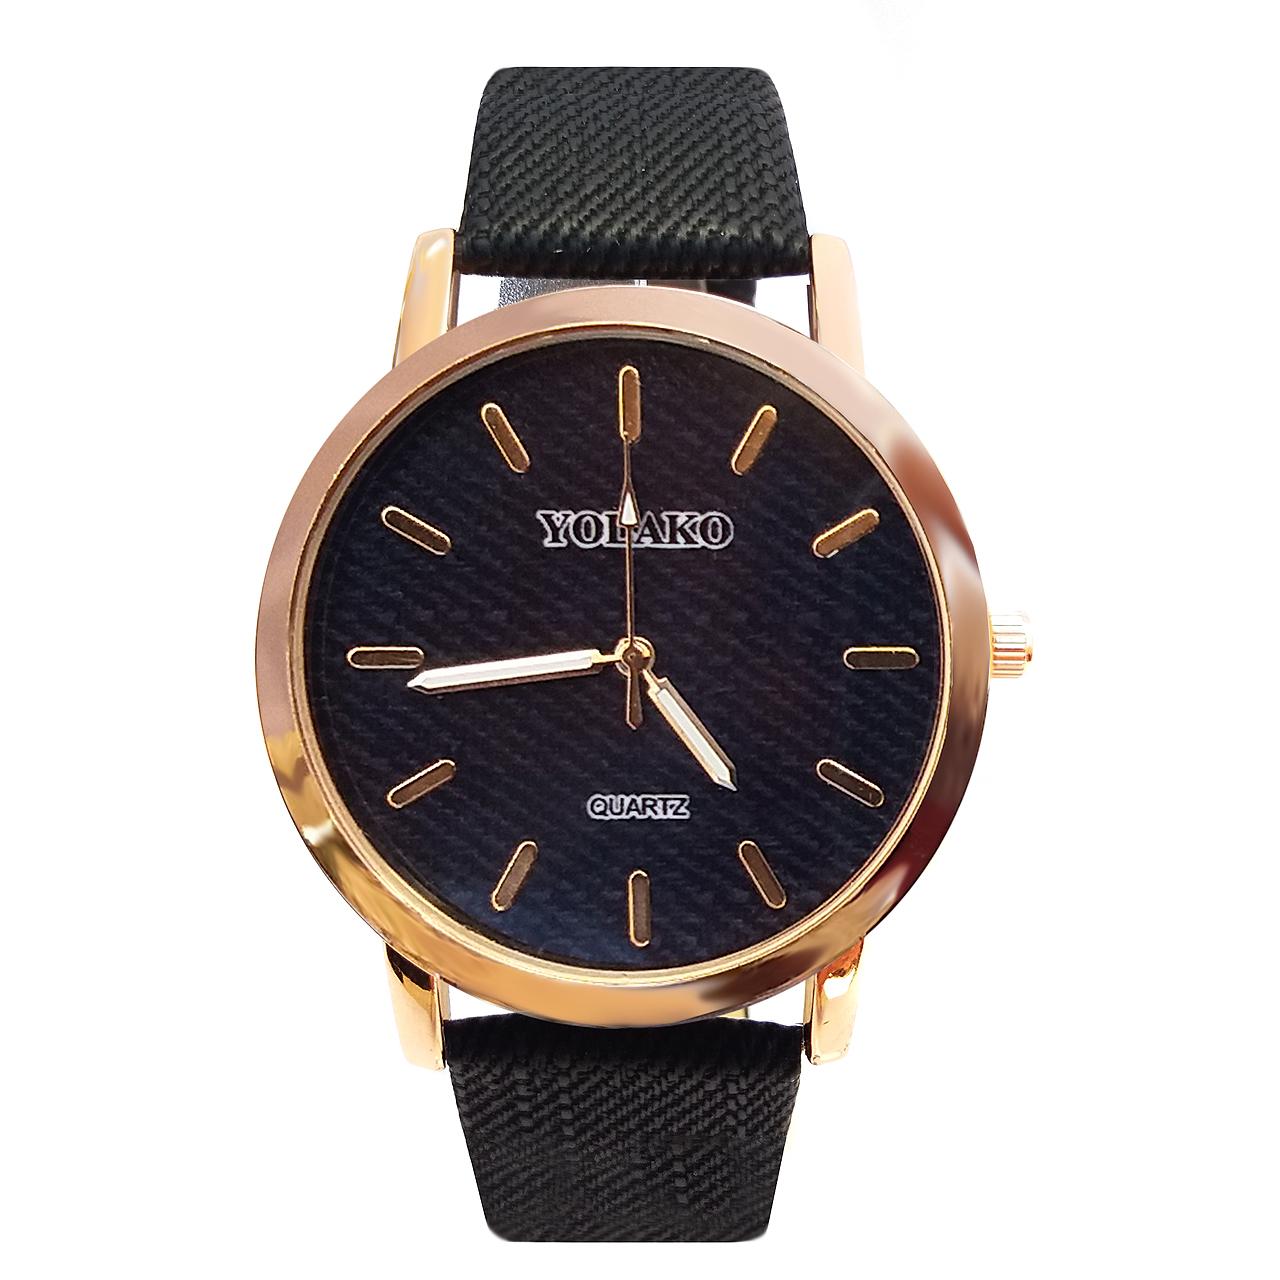 خرید ساعت مچی عقربه ای زنانه یولاکو مدل 1486